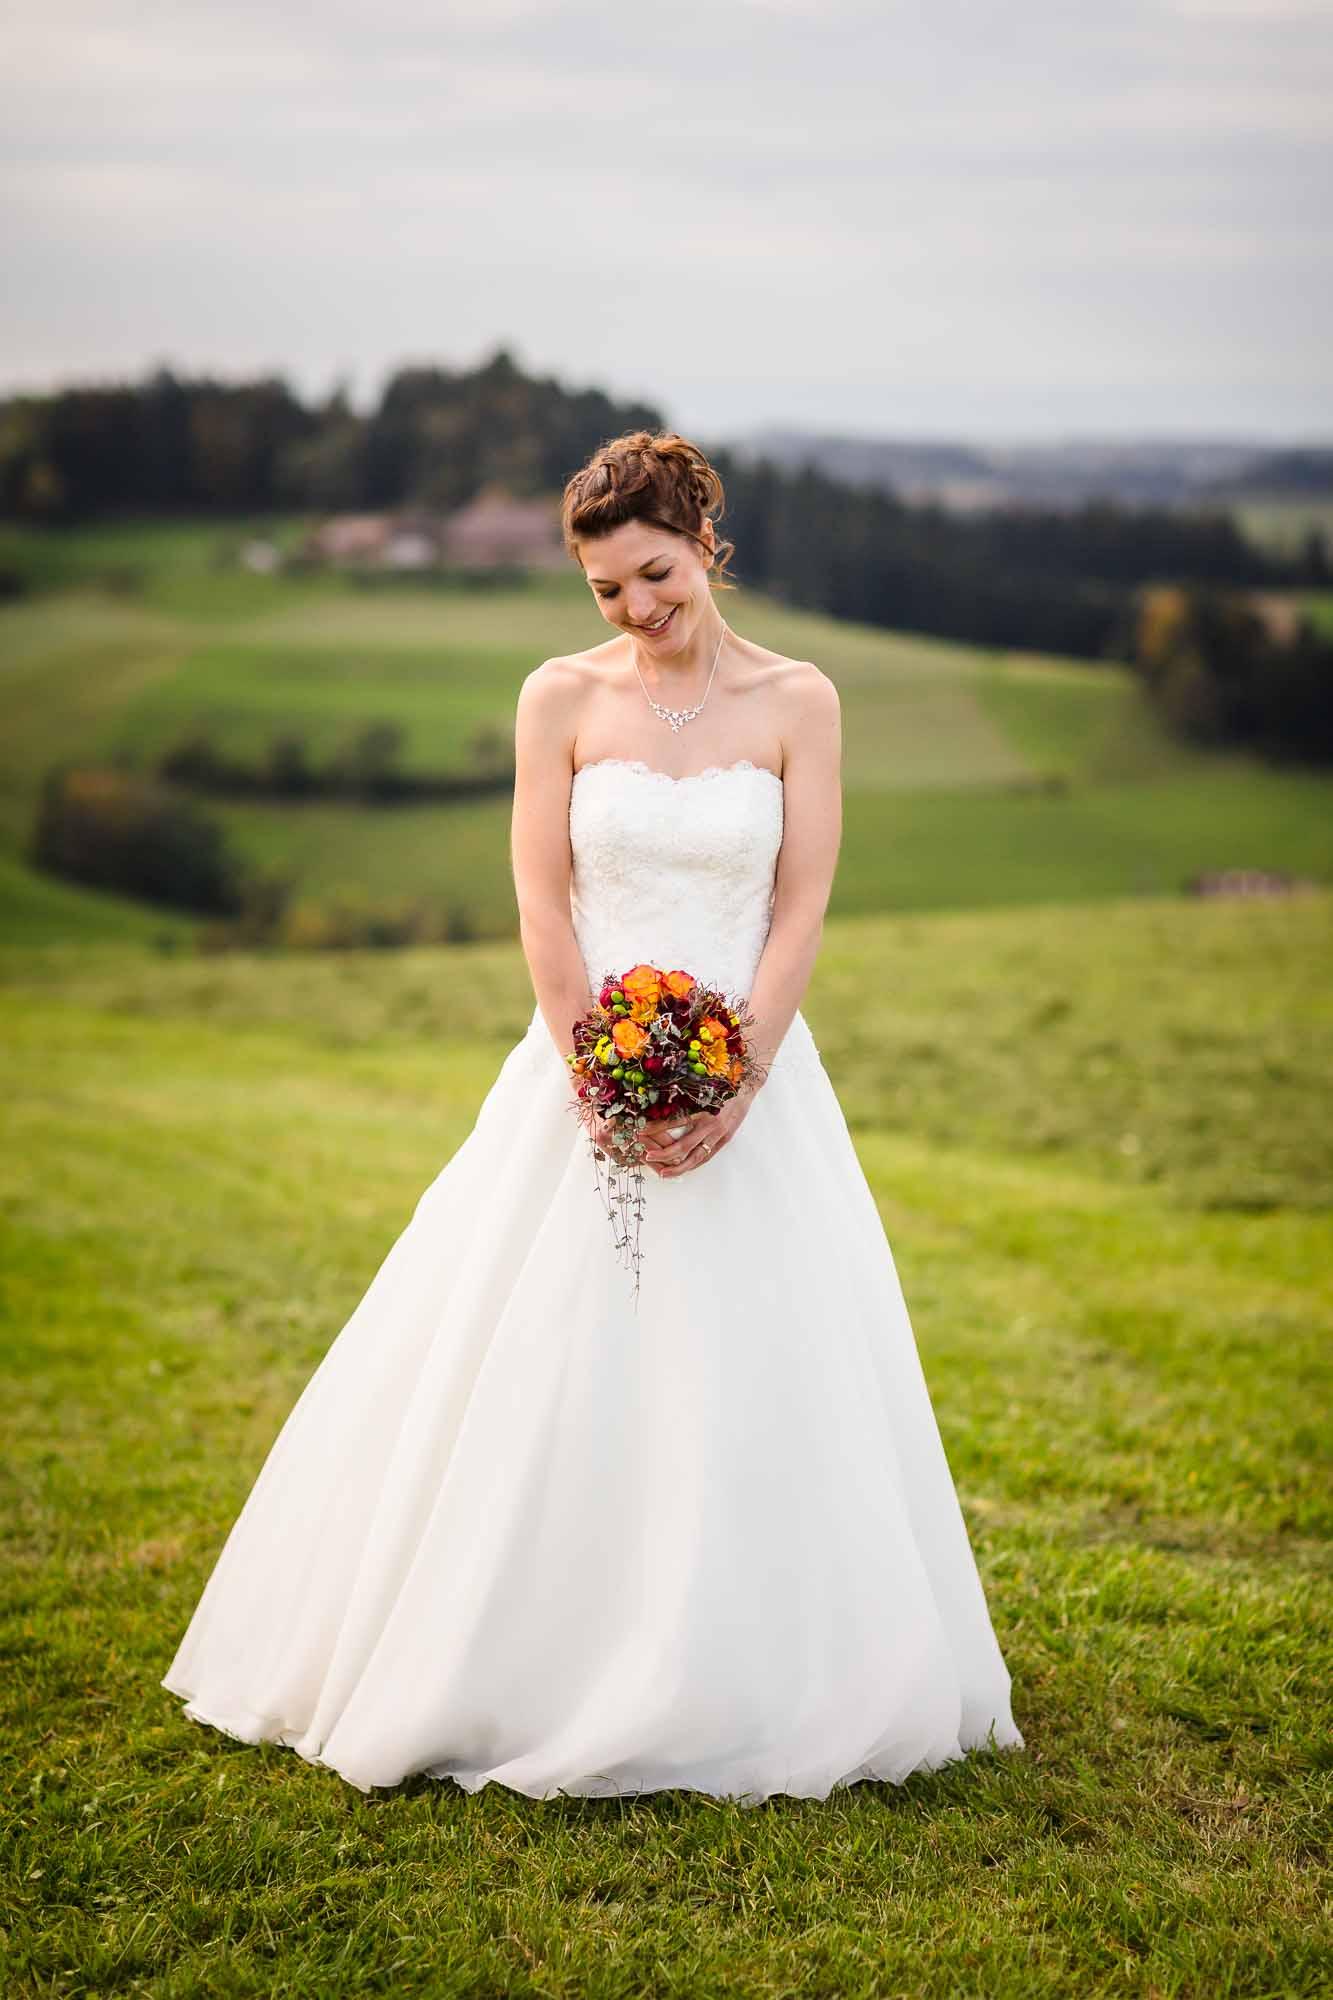 Hochzeitsfotos Emmental Braut Portrait auf Wiese